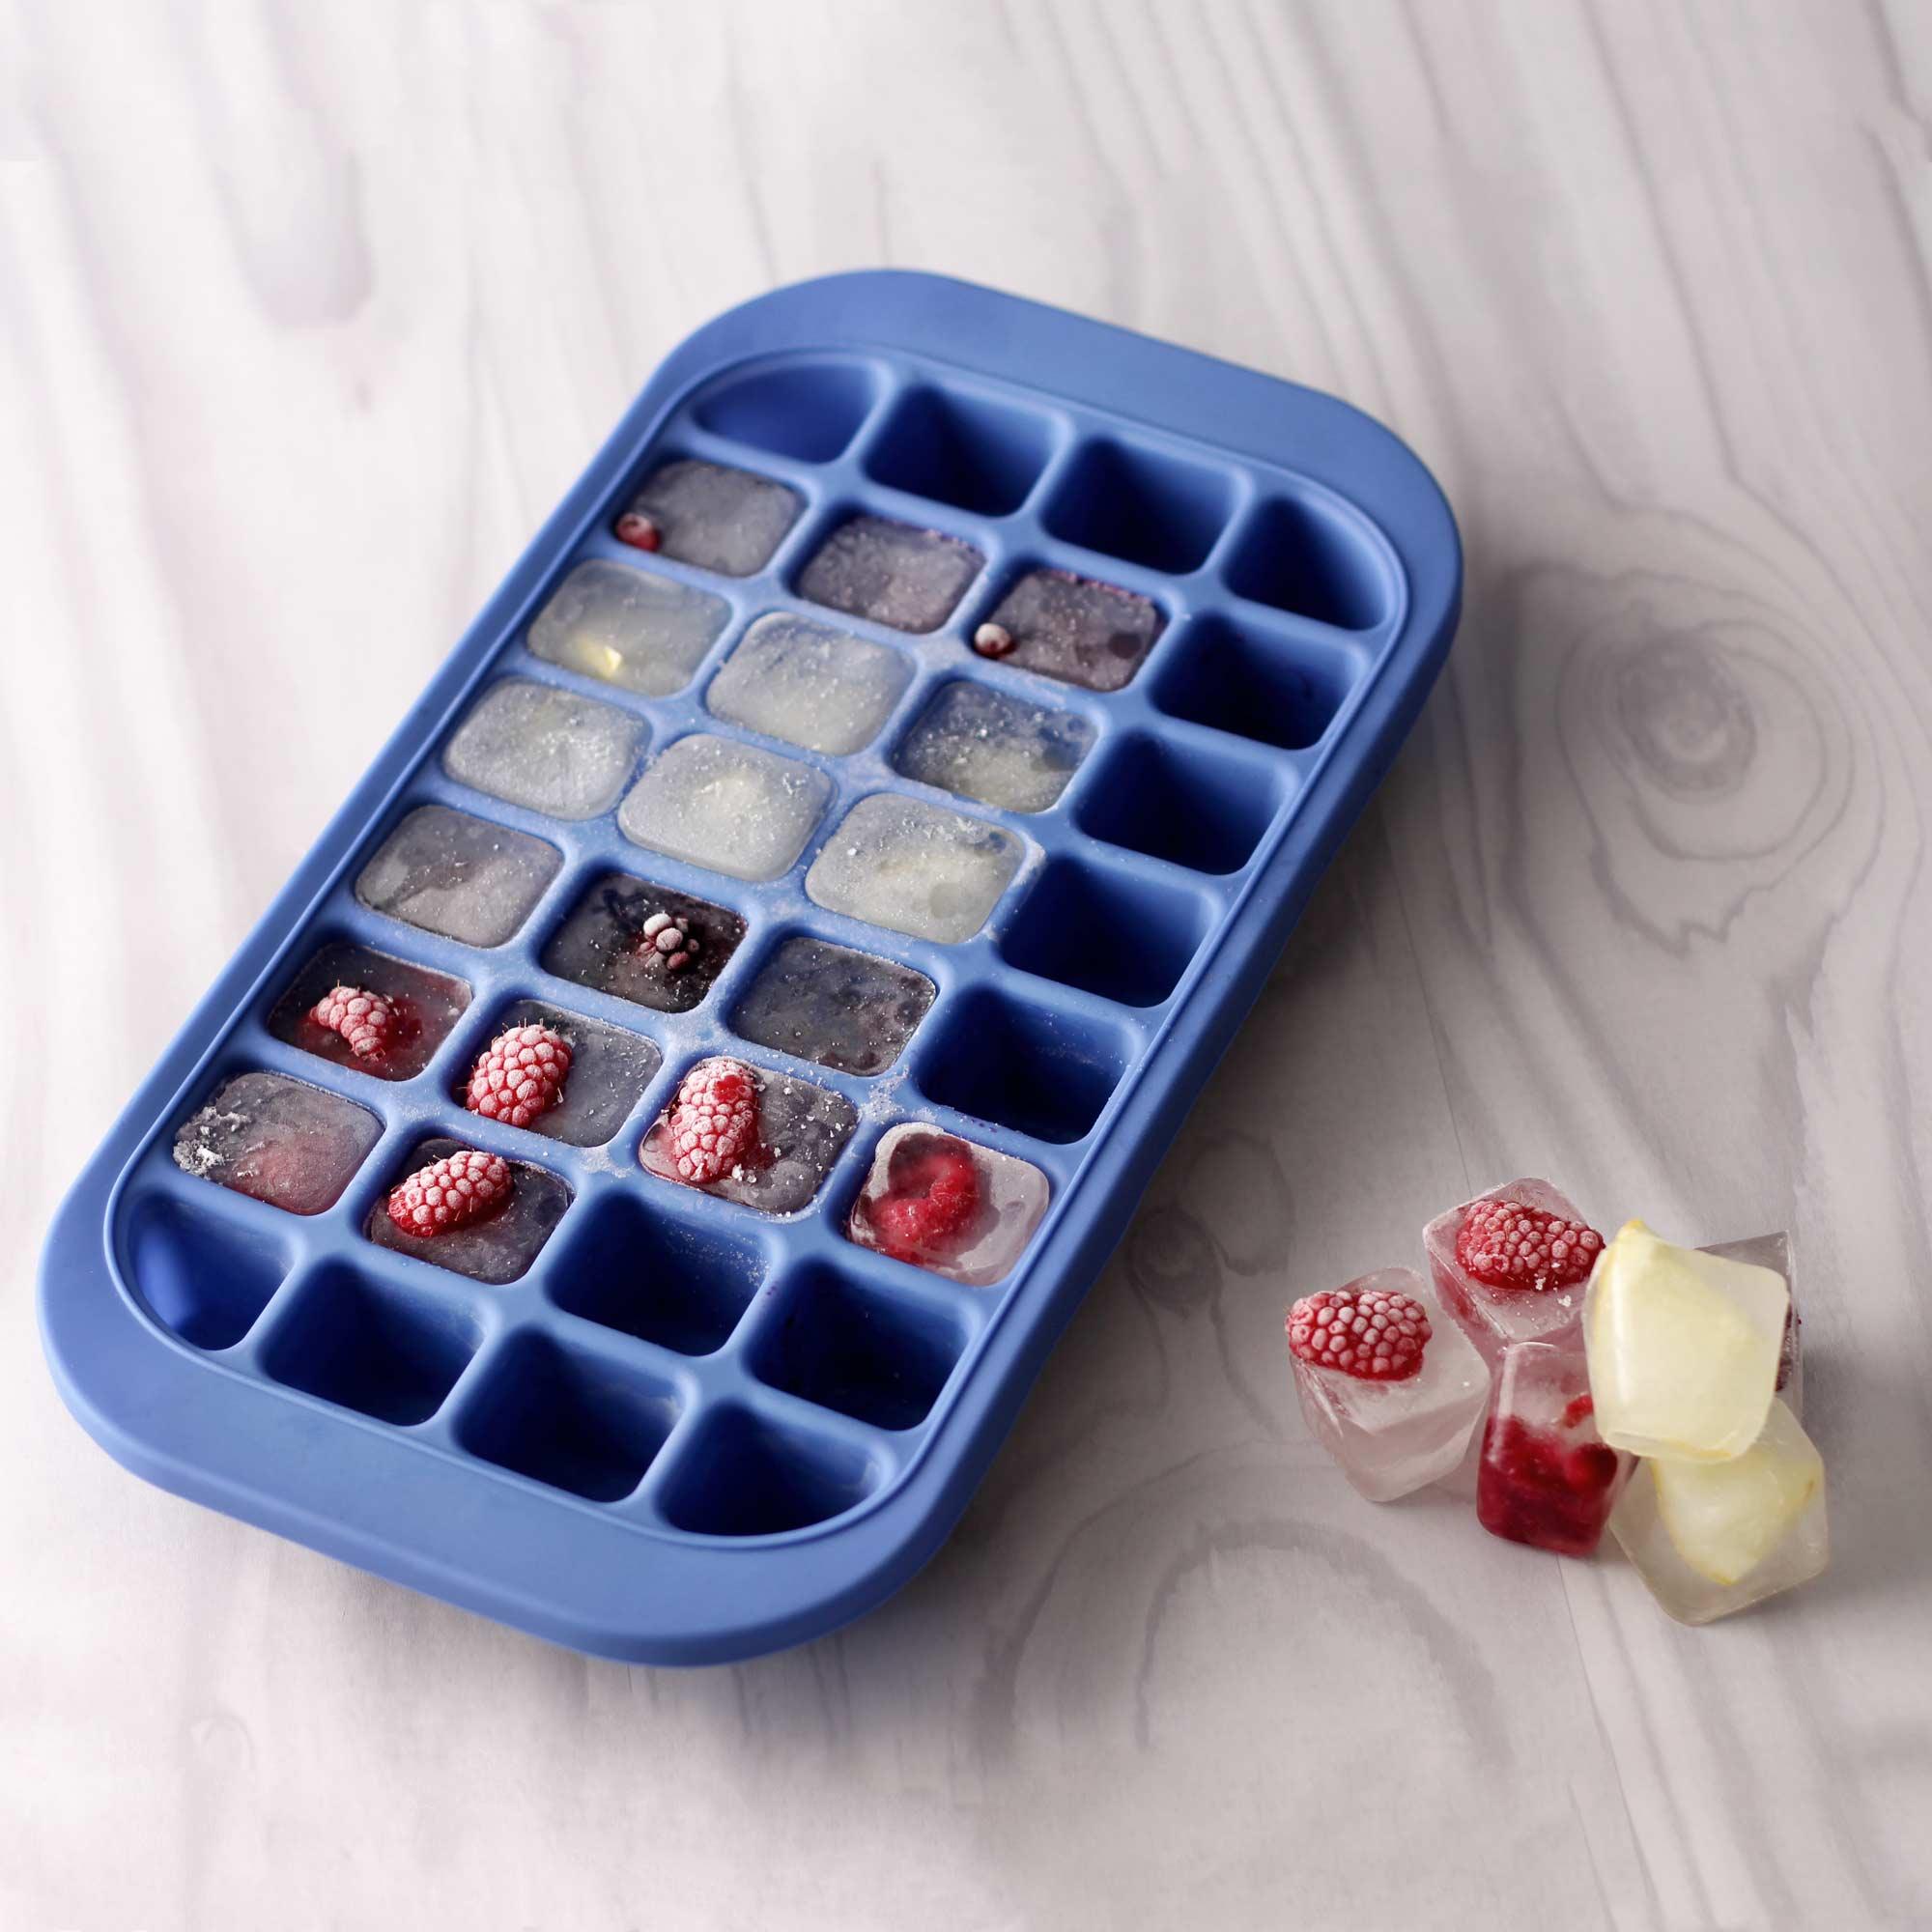 Ice stock options